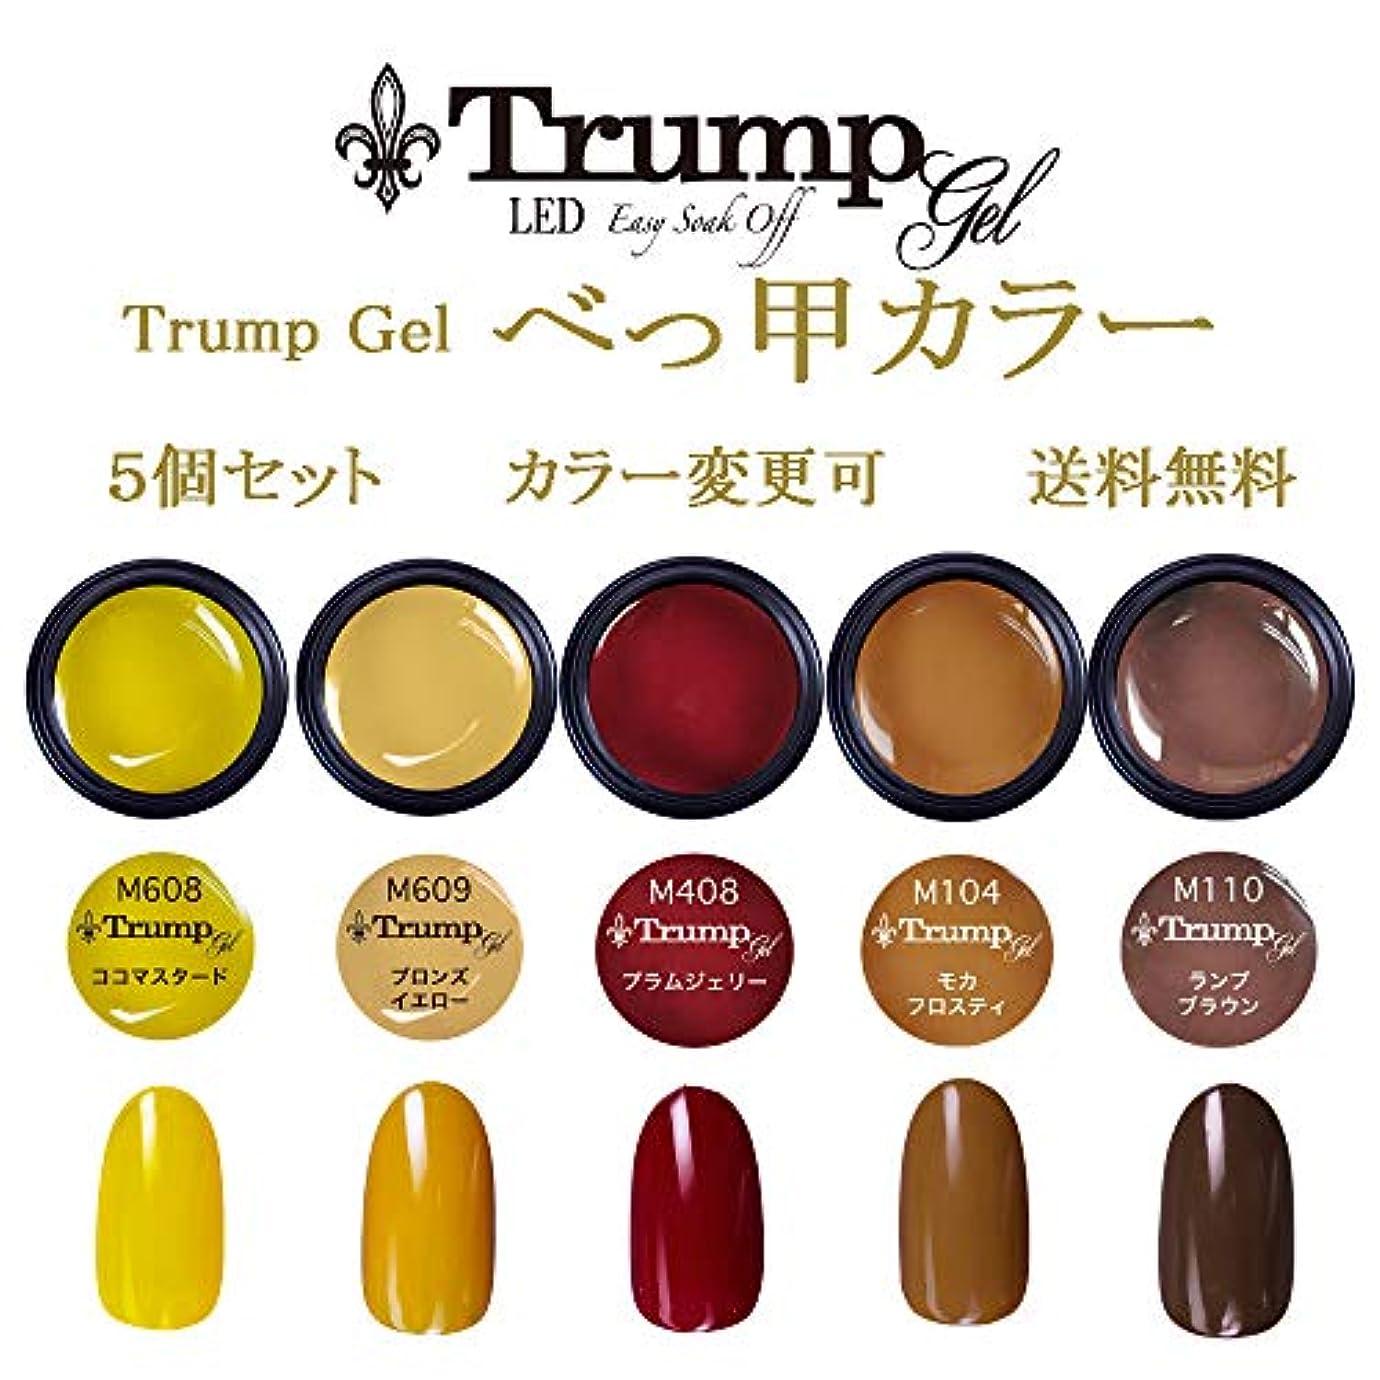 恐怖豊富なフェローシップ日本製 Trump gel トランプジェル べっ甲 ネイルカラー 選べる カラージェル 5個セット イエロー ブラウン ワイン べっこう